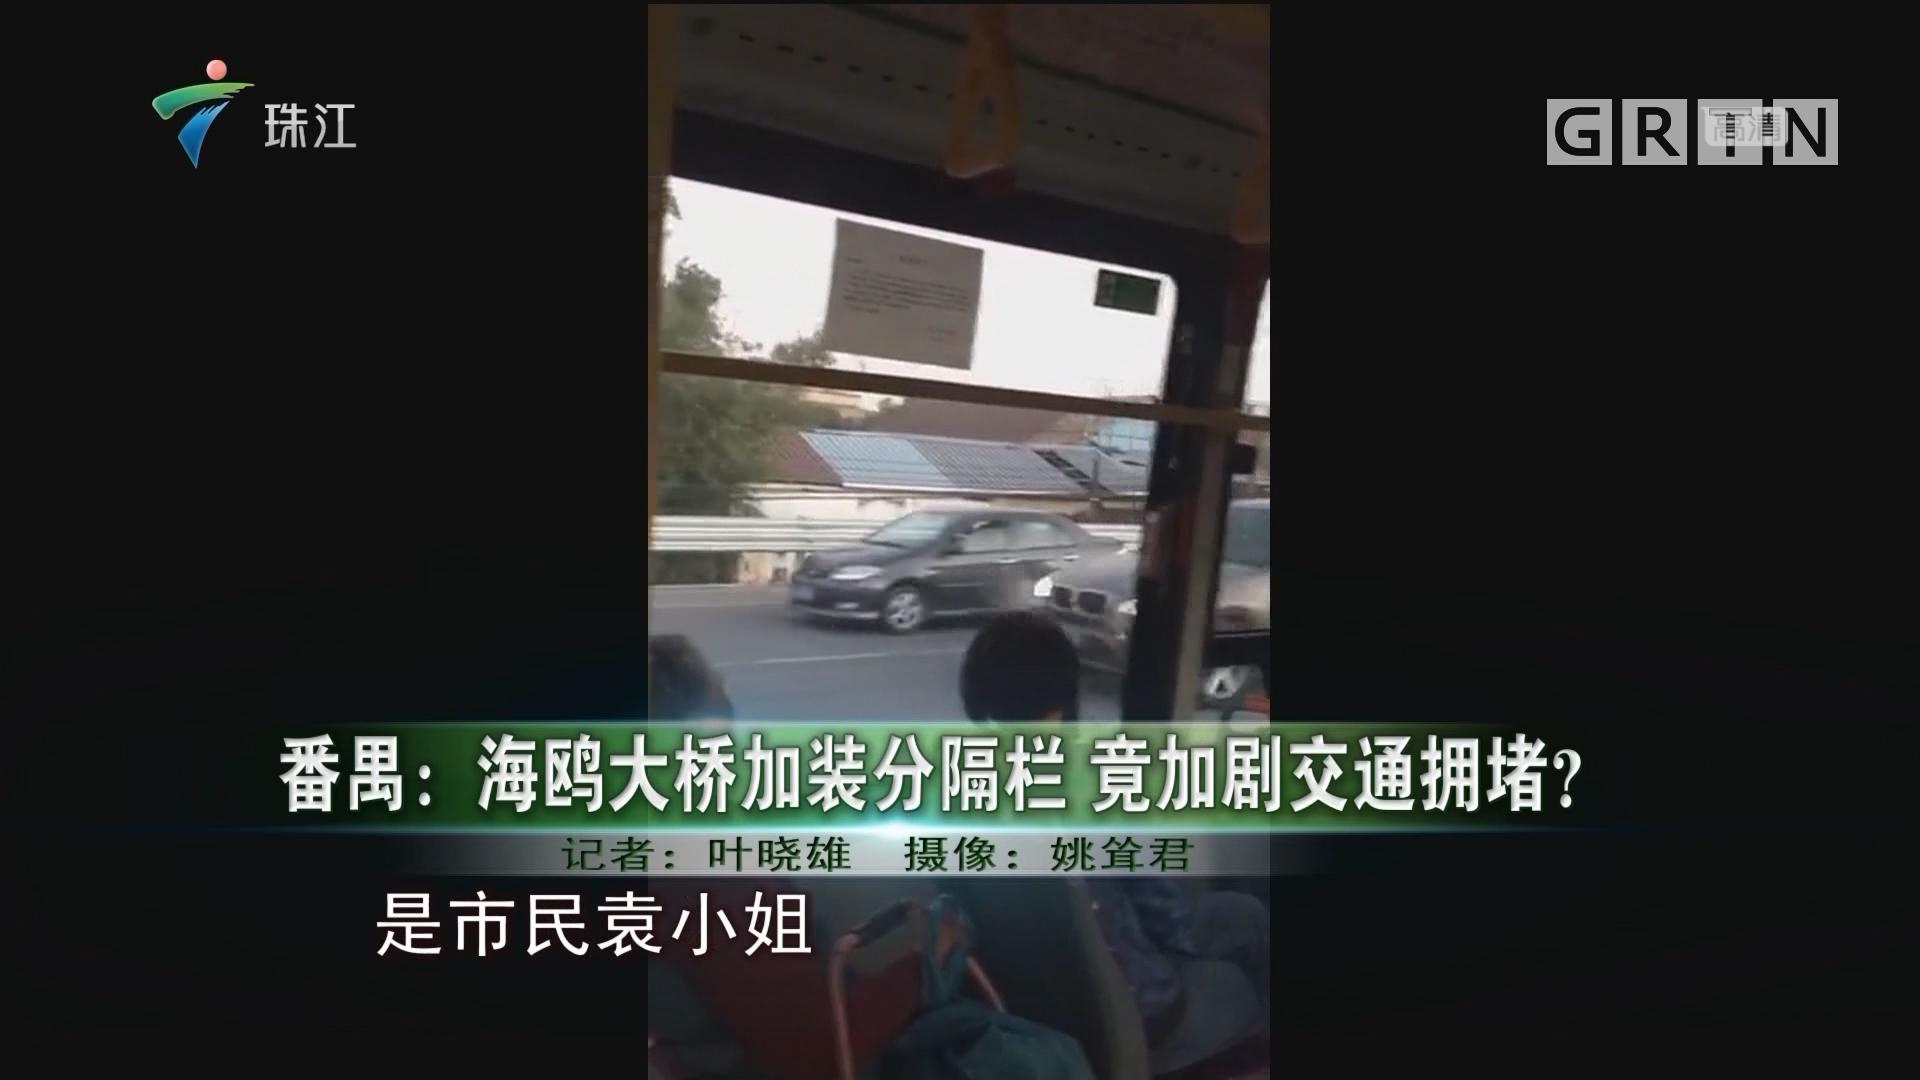 番禺:海鸥大桥加装分隔栏 竟加剧交通拥堵?